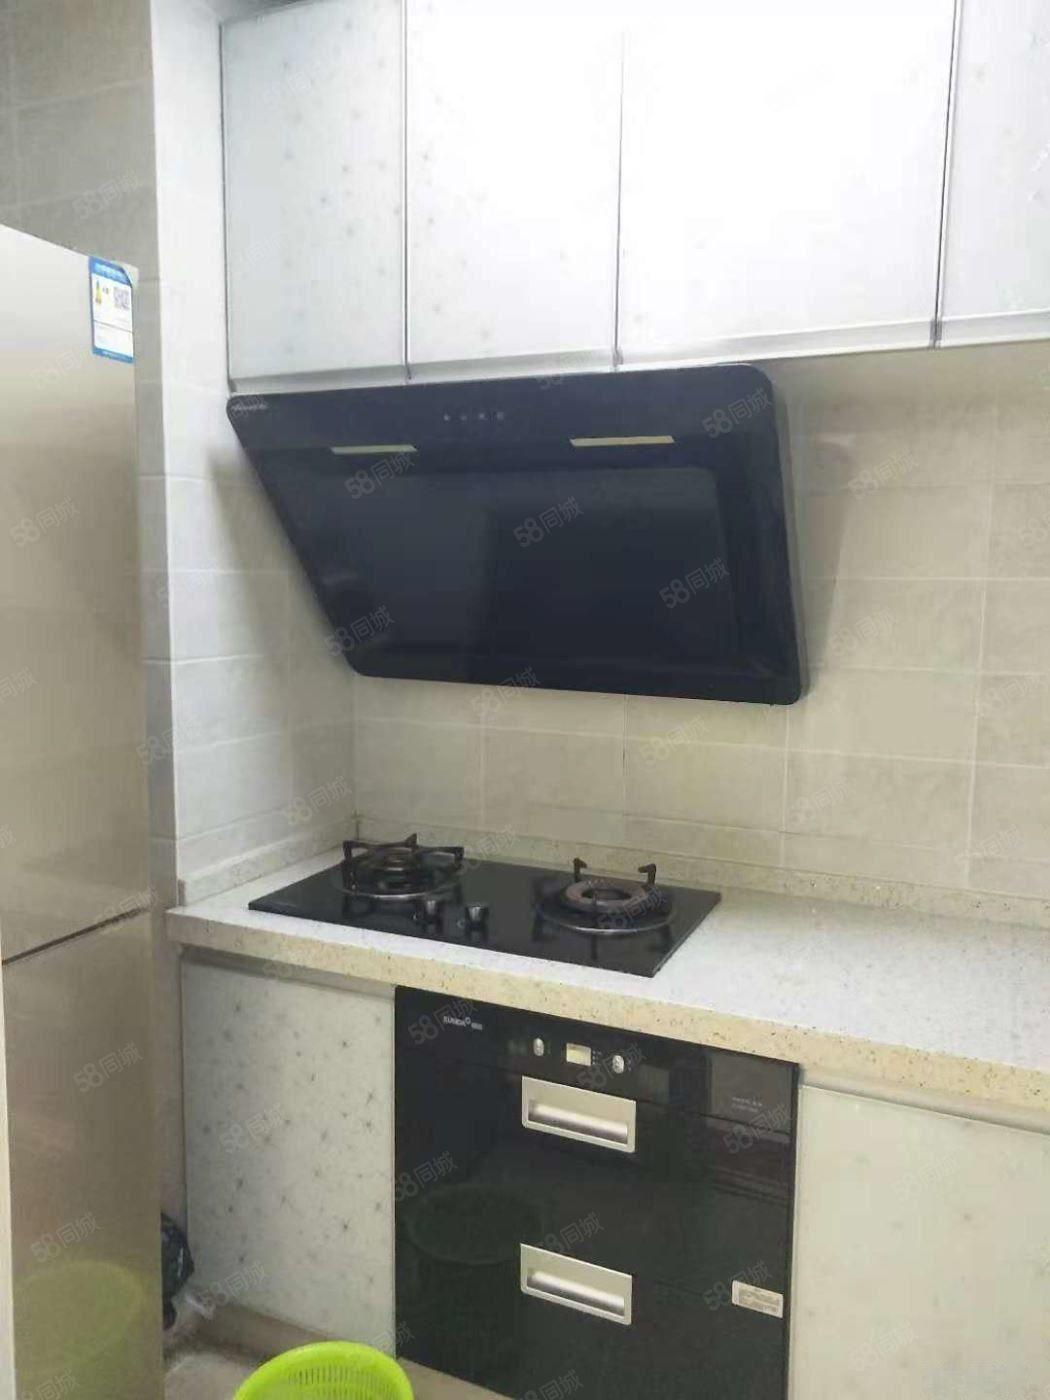 琴海豪庭2700元3室2厅1卫精装修,超值,免费看房